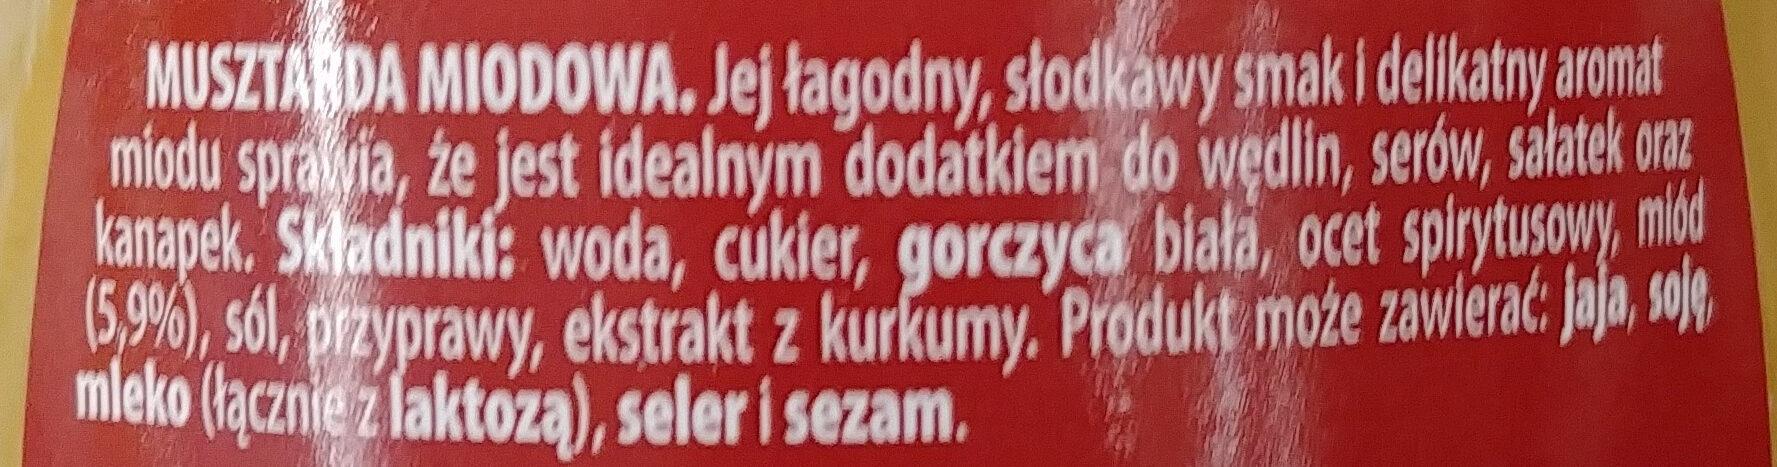 Musztarda miodowa - Składniki - pl